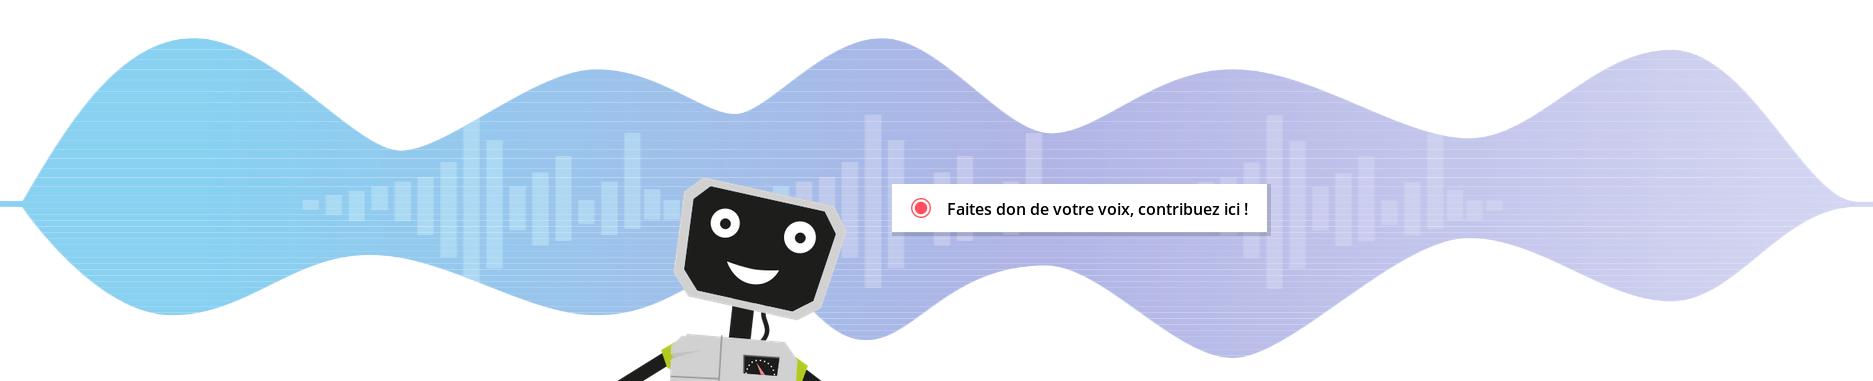 Common Voice, donnez une voix Libre aux machines !